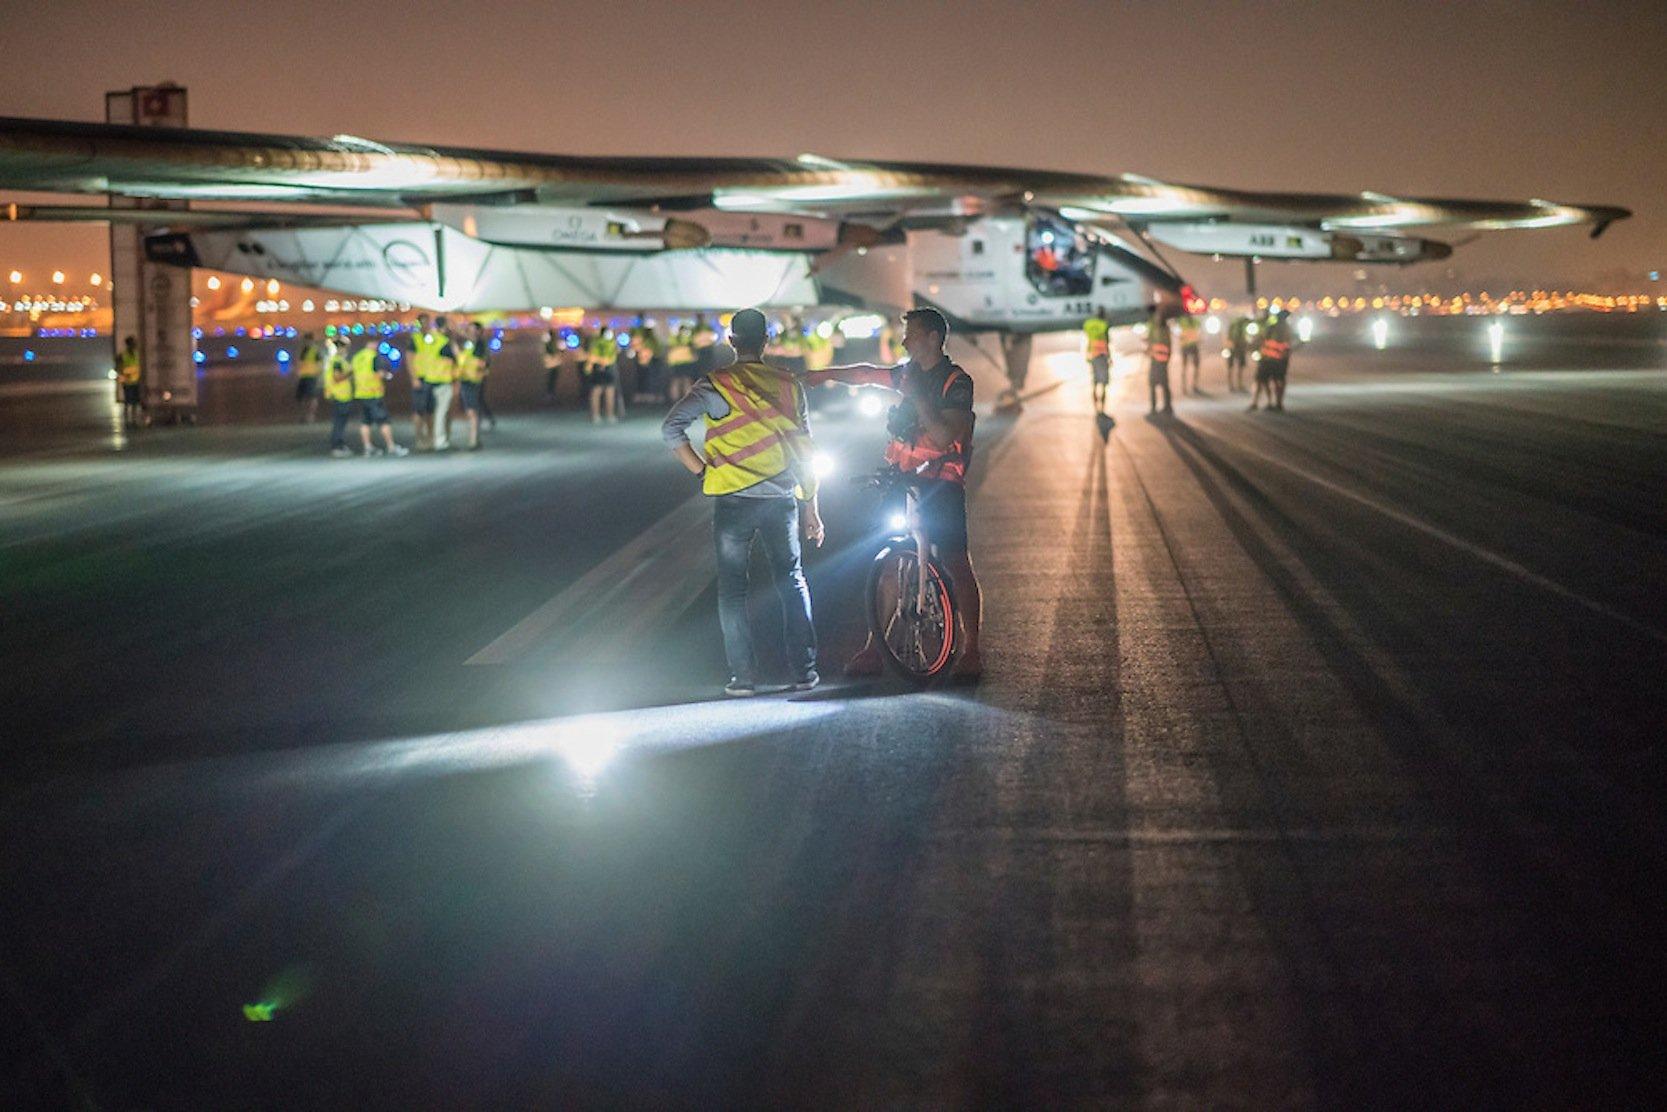 Kurz vor dem Start in Kairo: Die Solar Impulse 2 ist am Sonntag früh um 1:28 Uhr Ortszeit vom internationalen Flughafen zur letzten Etappe nach Abu Dhabi gestartet.